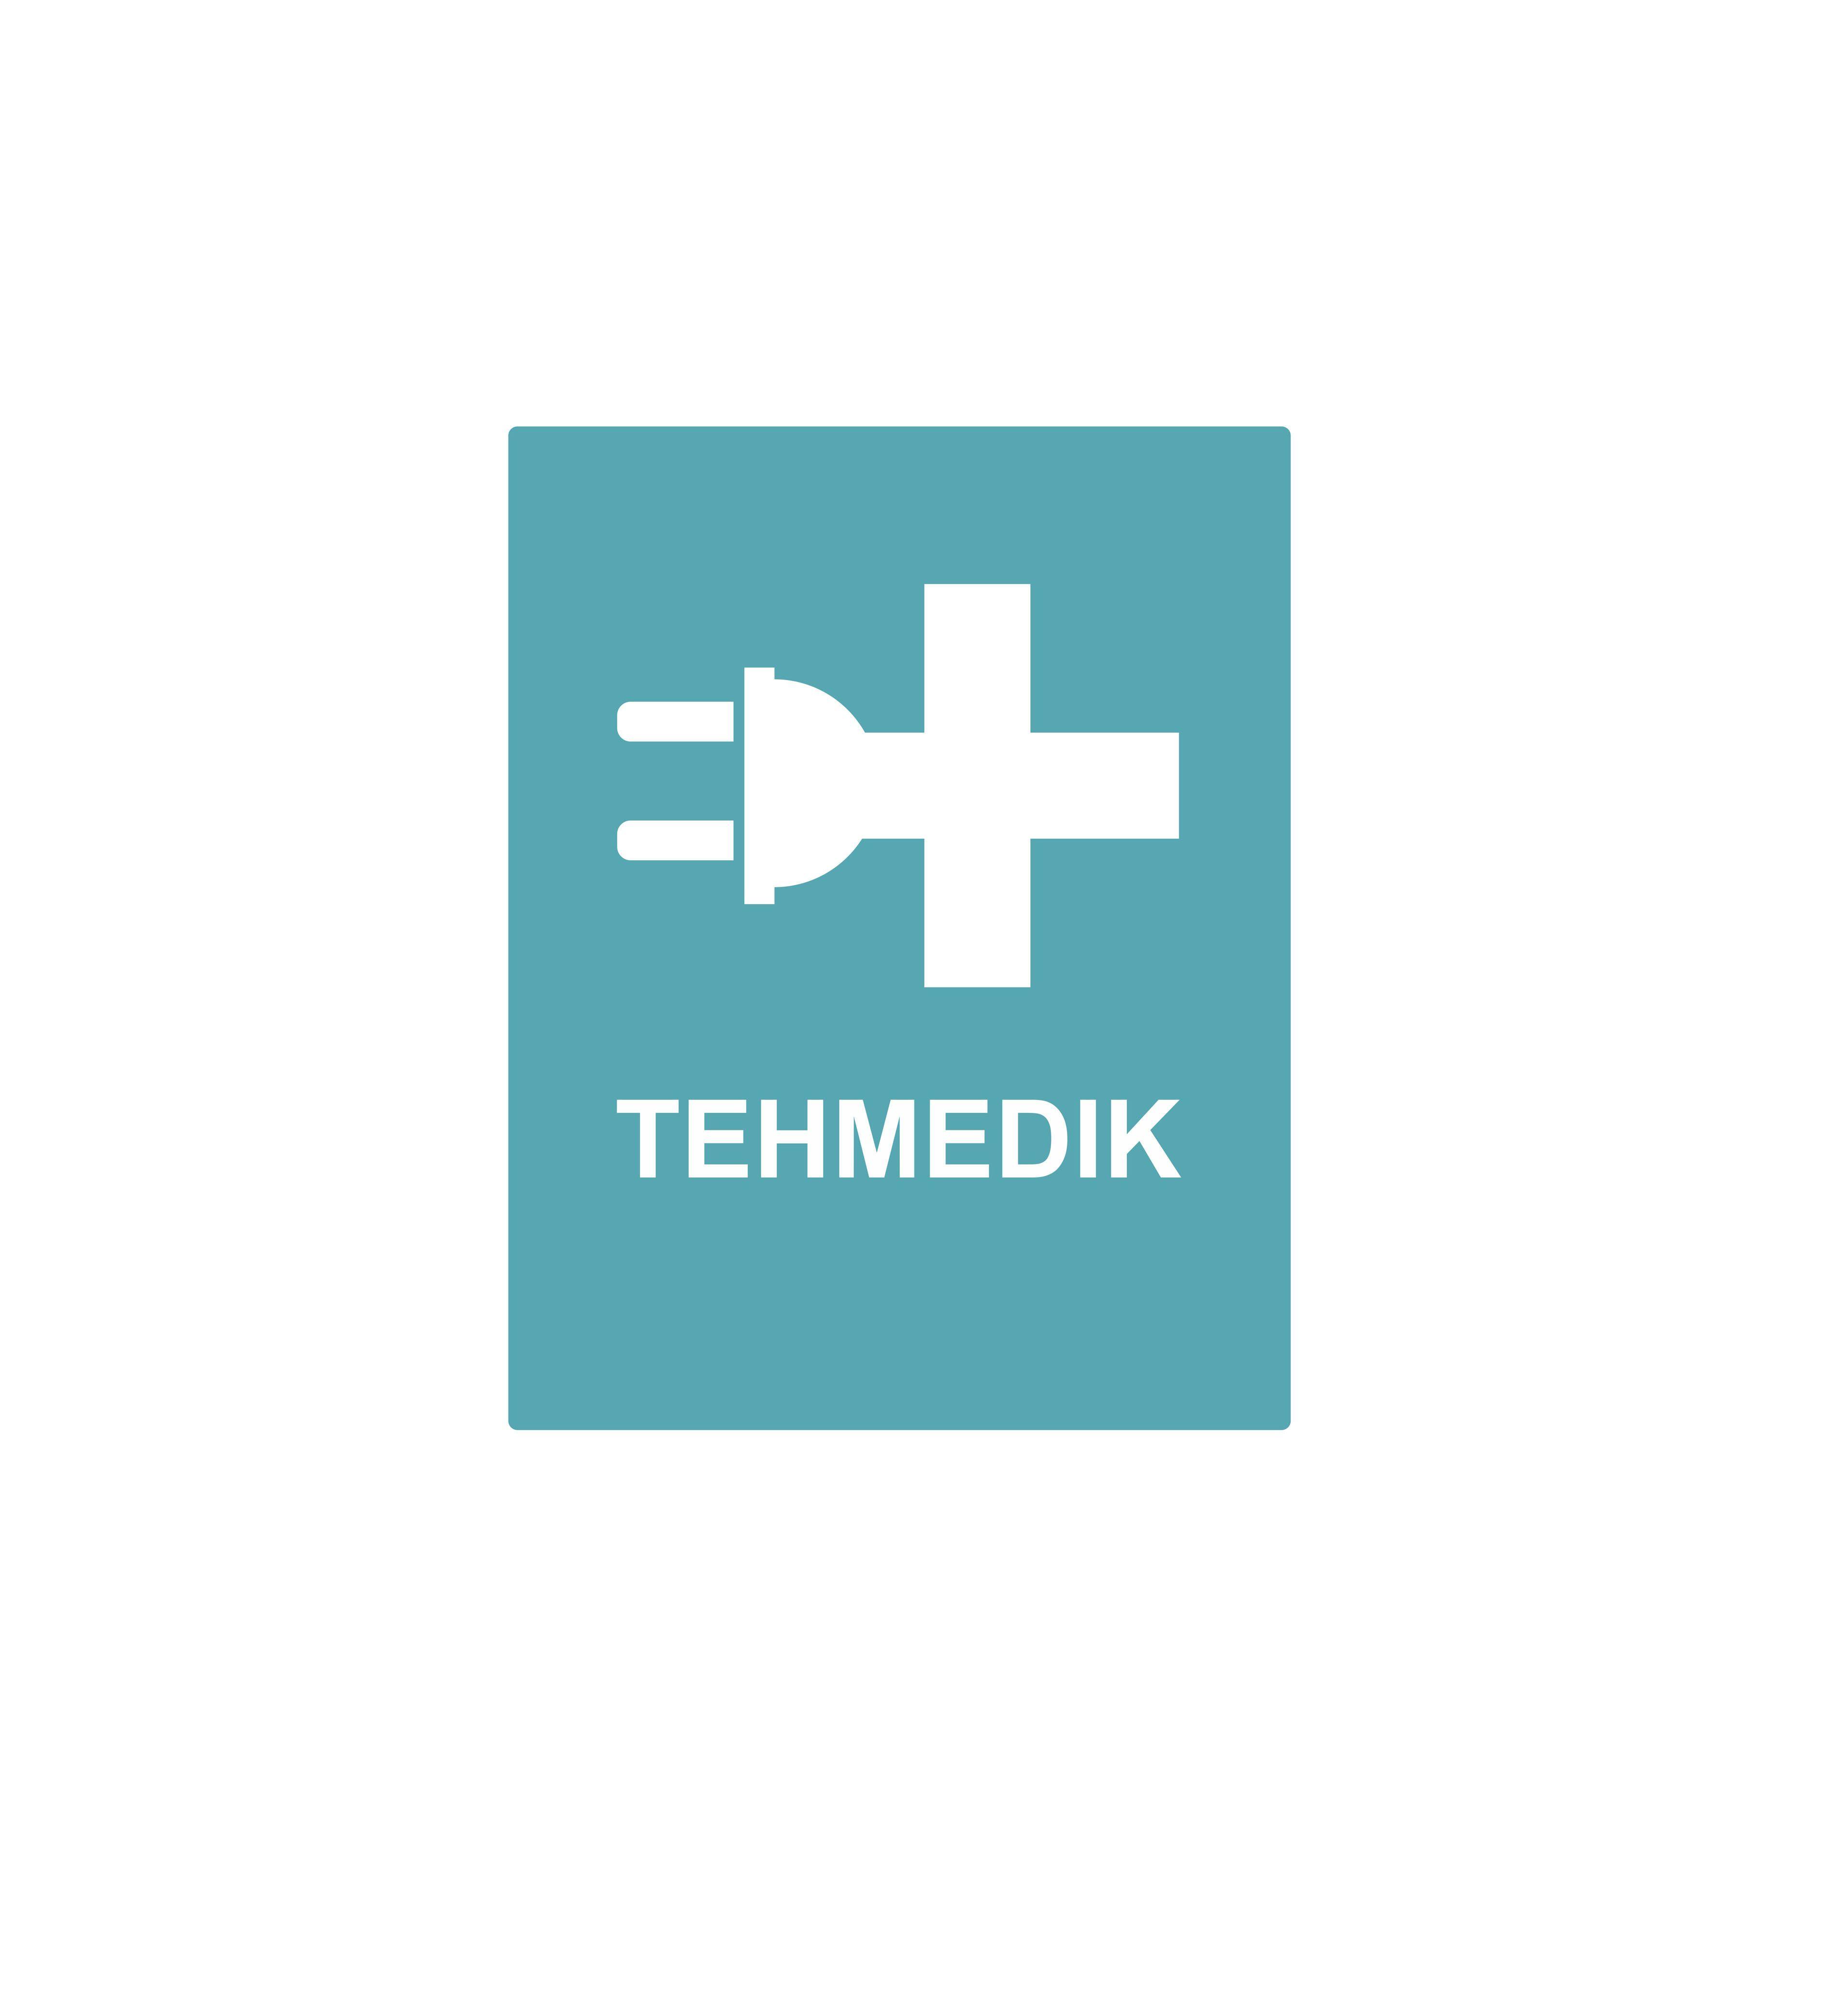 Логотип для интернет-магазина медтехники - дизайнер Ewgene